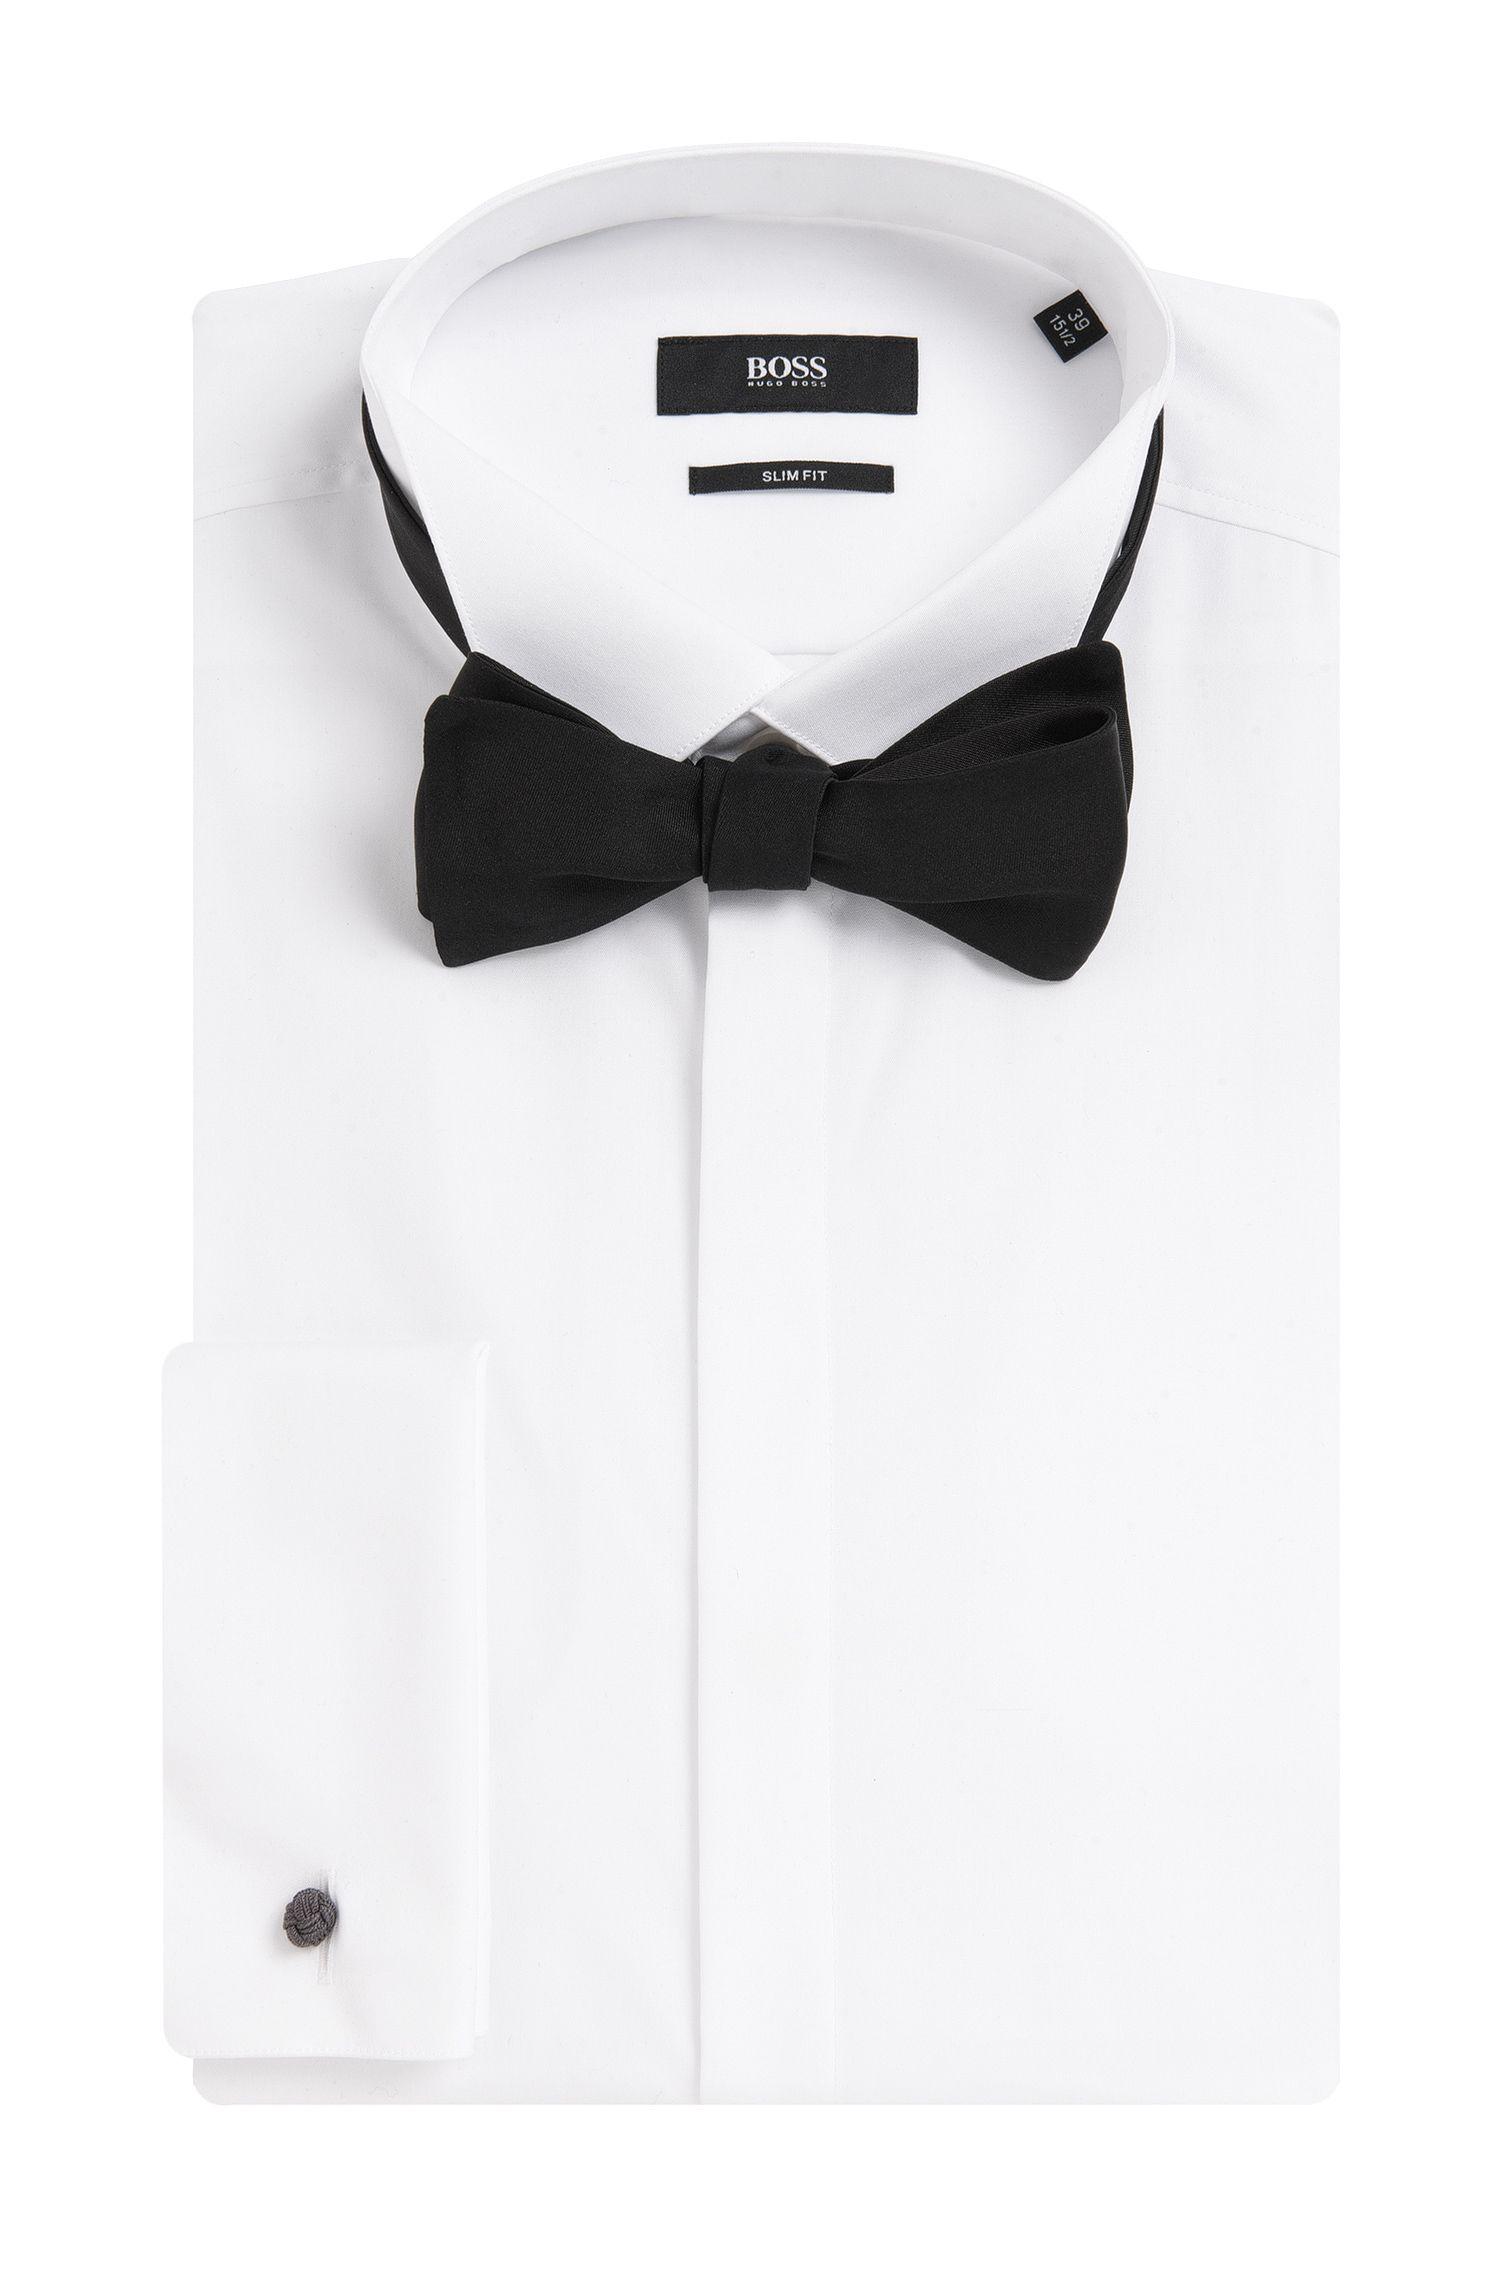 Vlinderdasje van zijde, zelf te strikken: 'Bow tie untied'